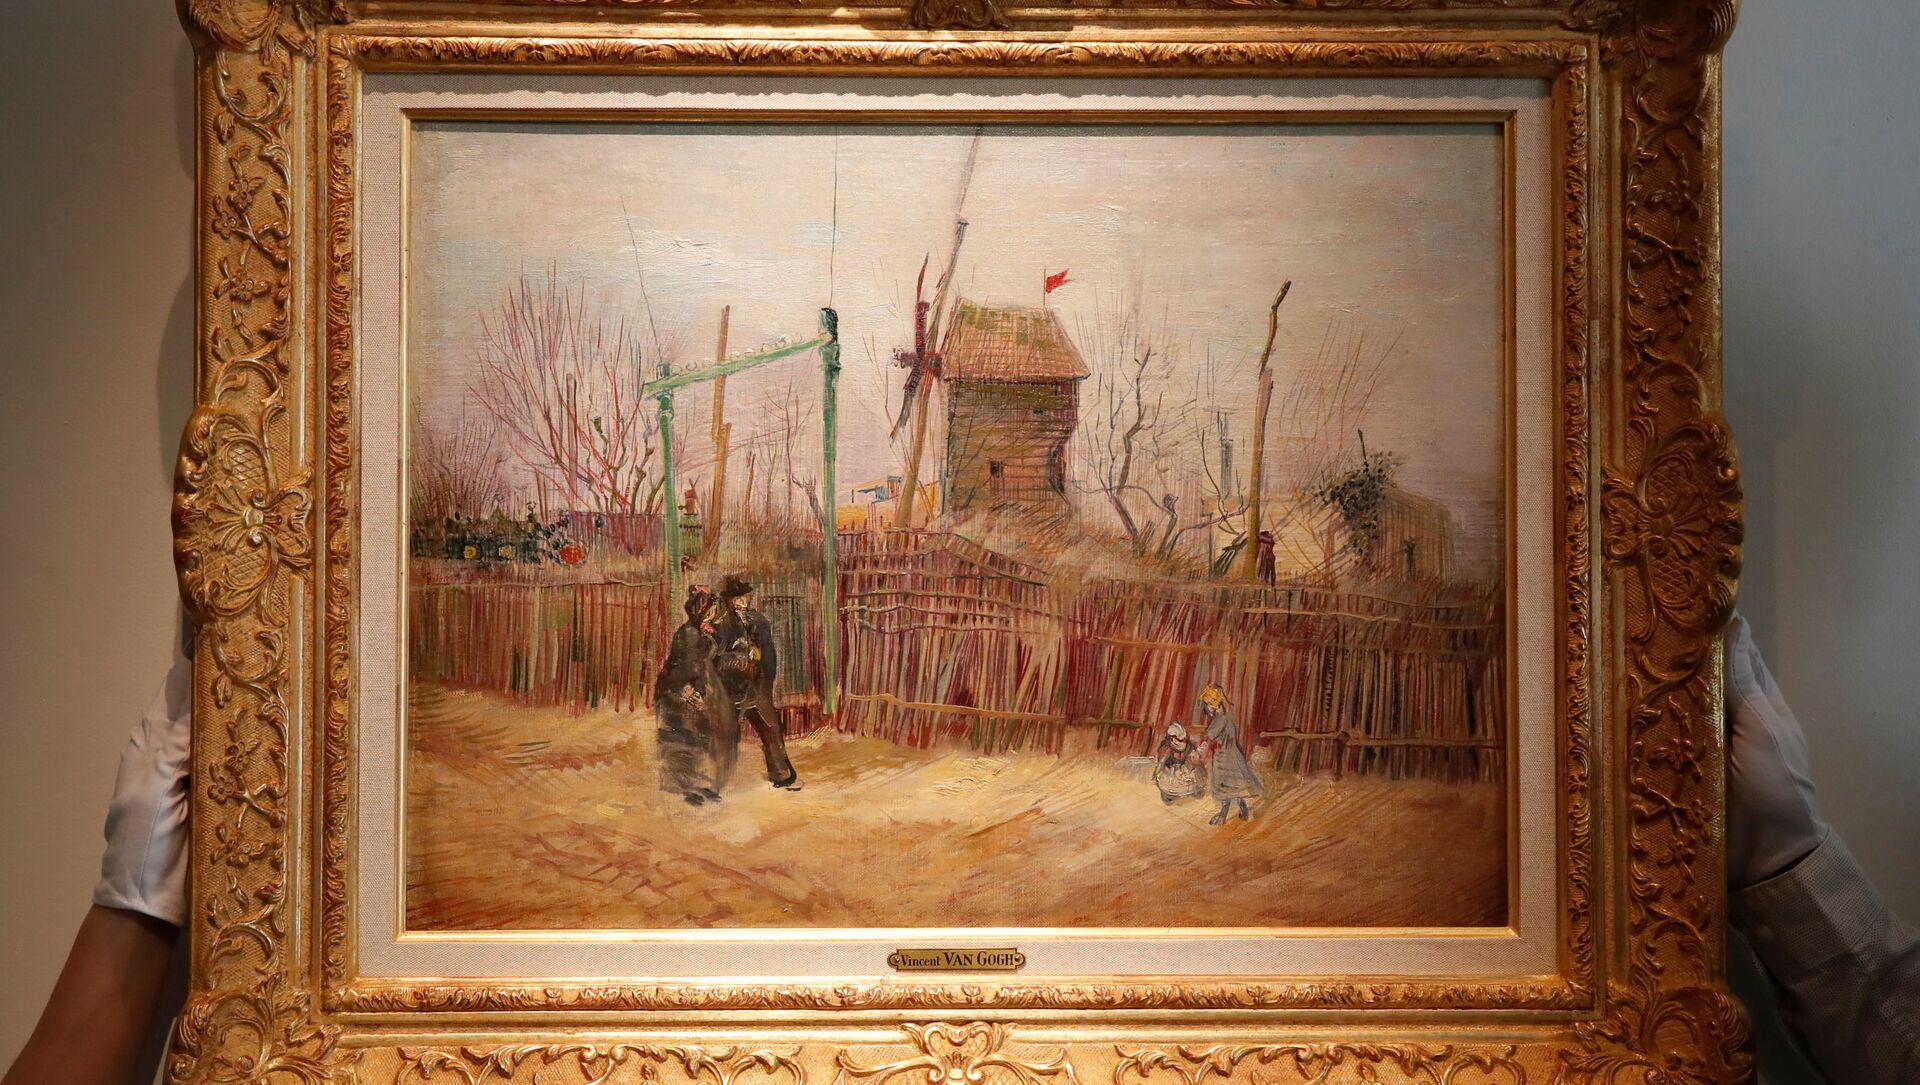 Pittura, un Van Gogh in mostra per la prima volta dopo 100 anni - Foto - Sputnik Italia, 1920, 25.02.2021